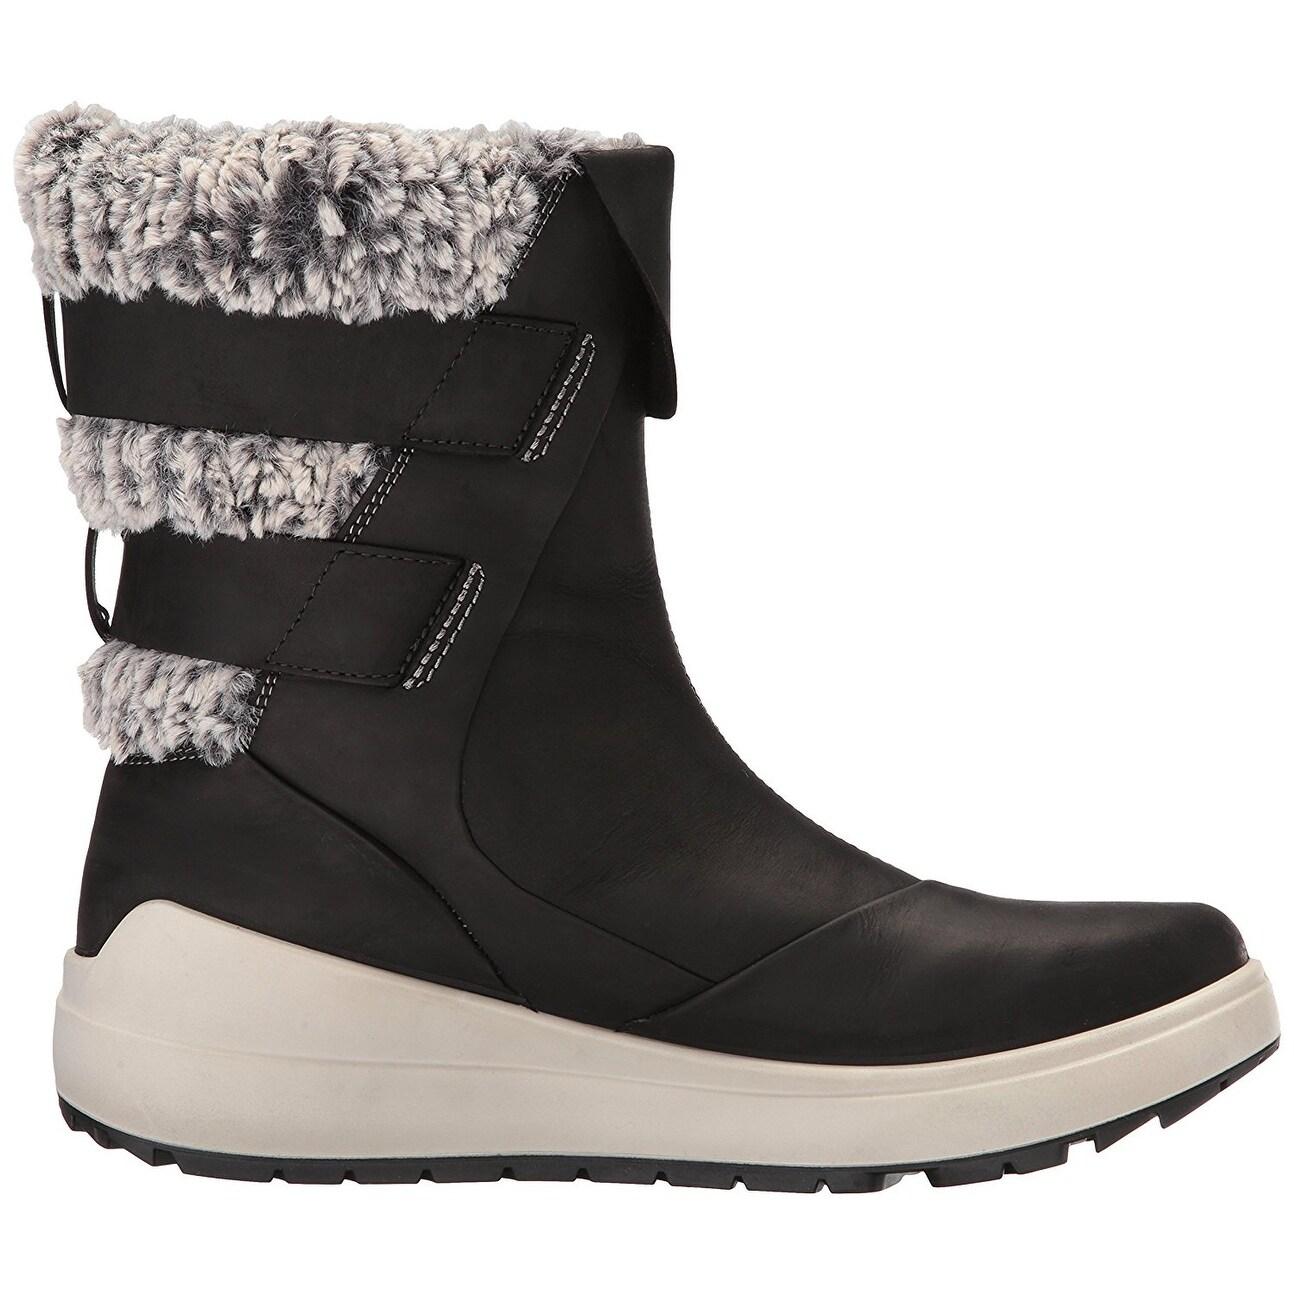 497274a272 ECCO Women's Noyce Snow Boot